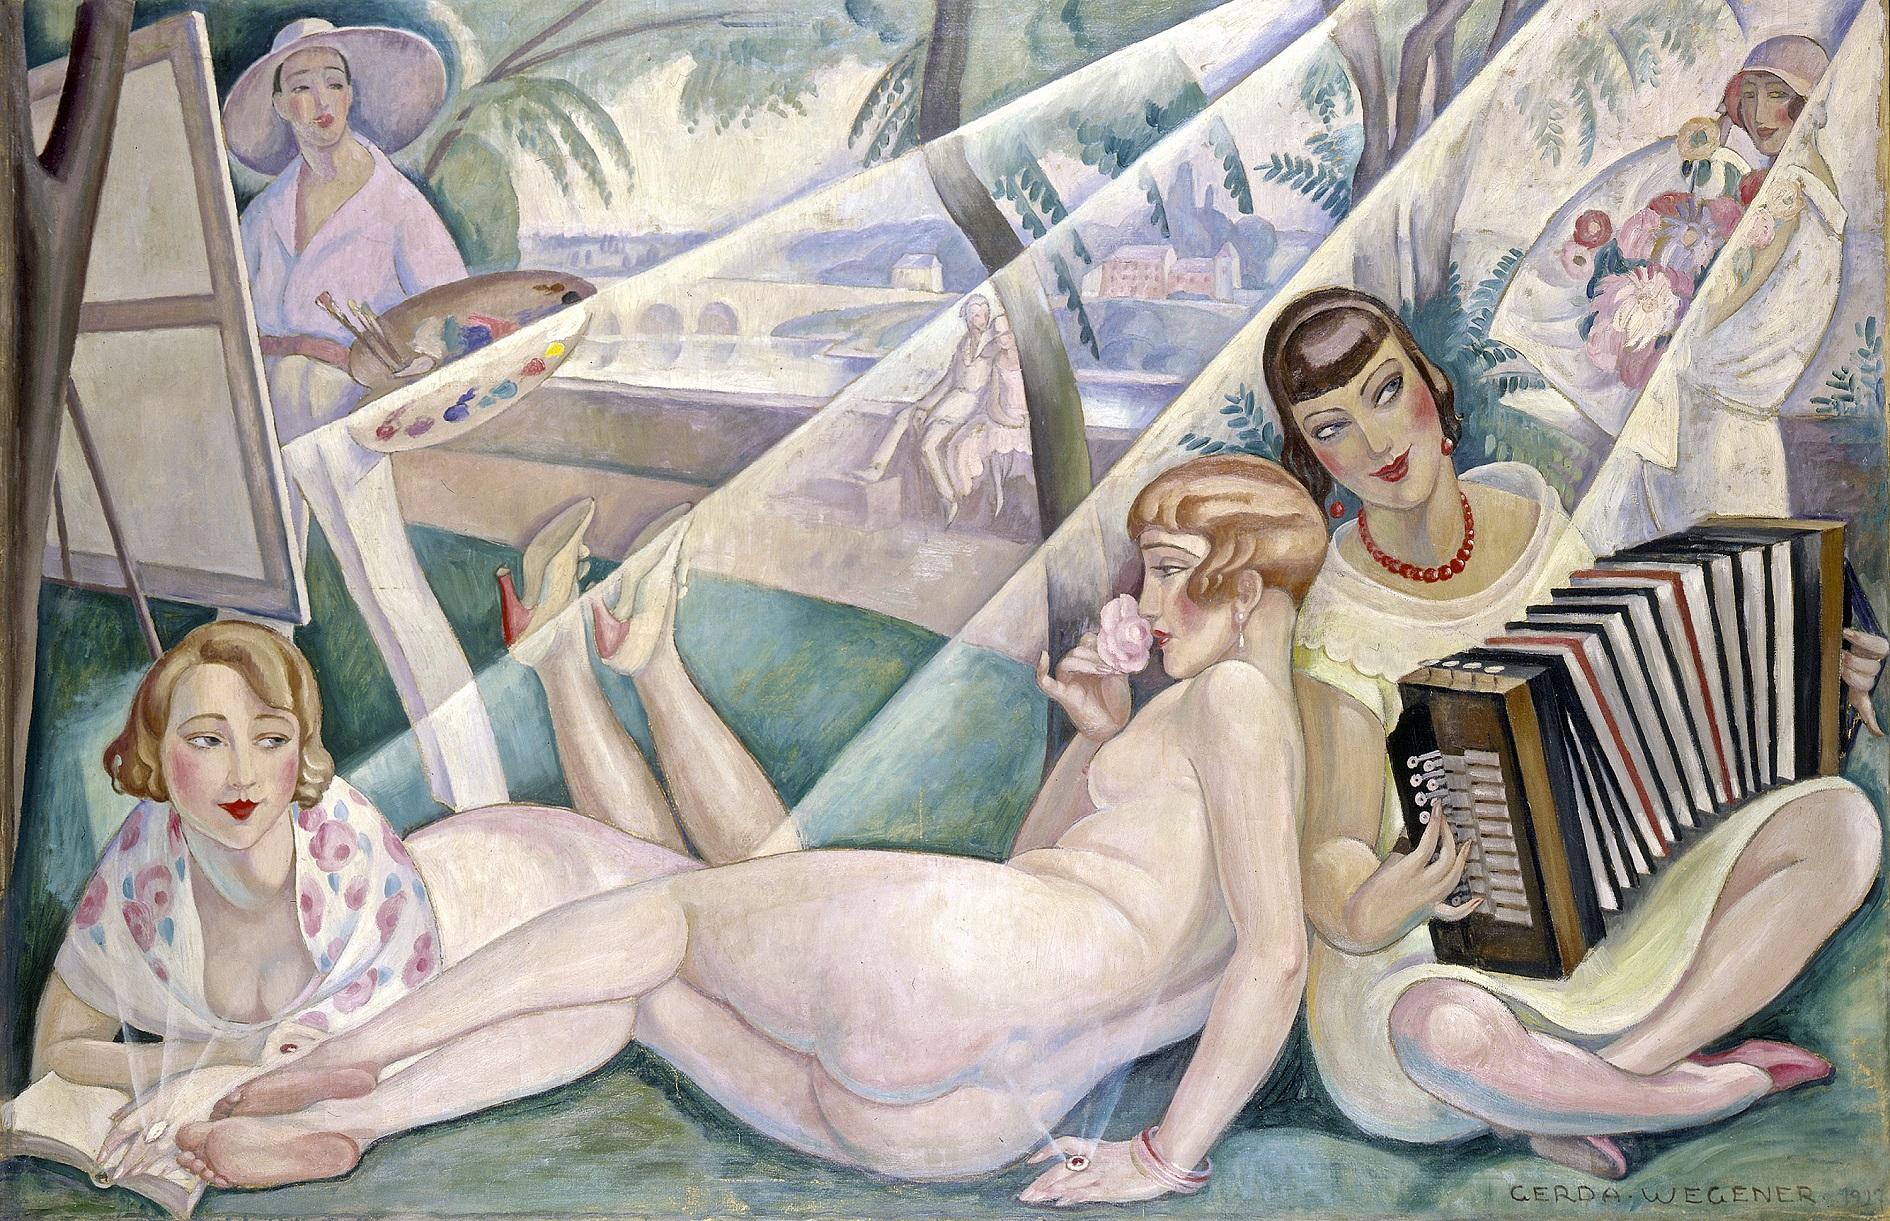 """Uma das obras na exposição """"Gerda Wegener"""", em cartaz até 16 de maio no museu Arken, em Copenhagen"""